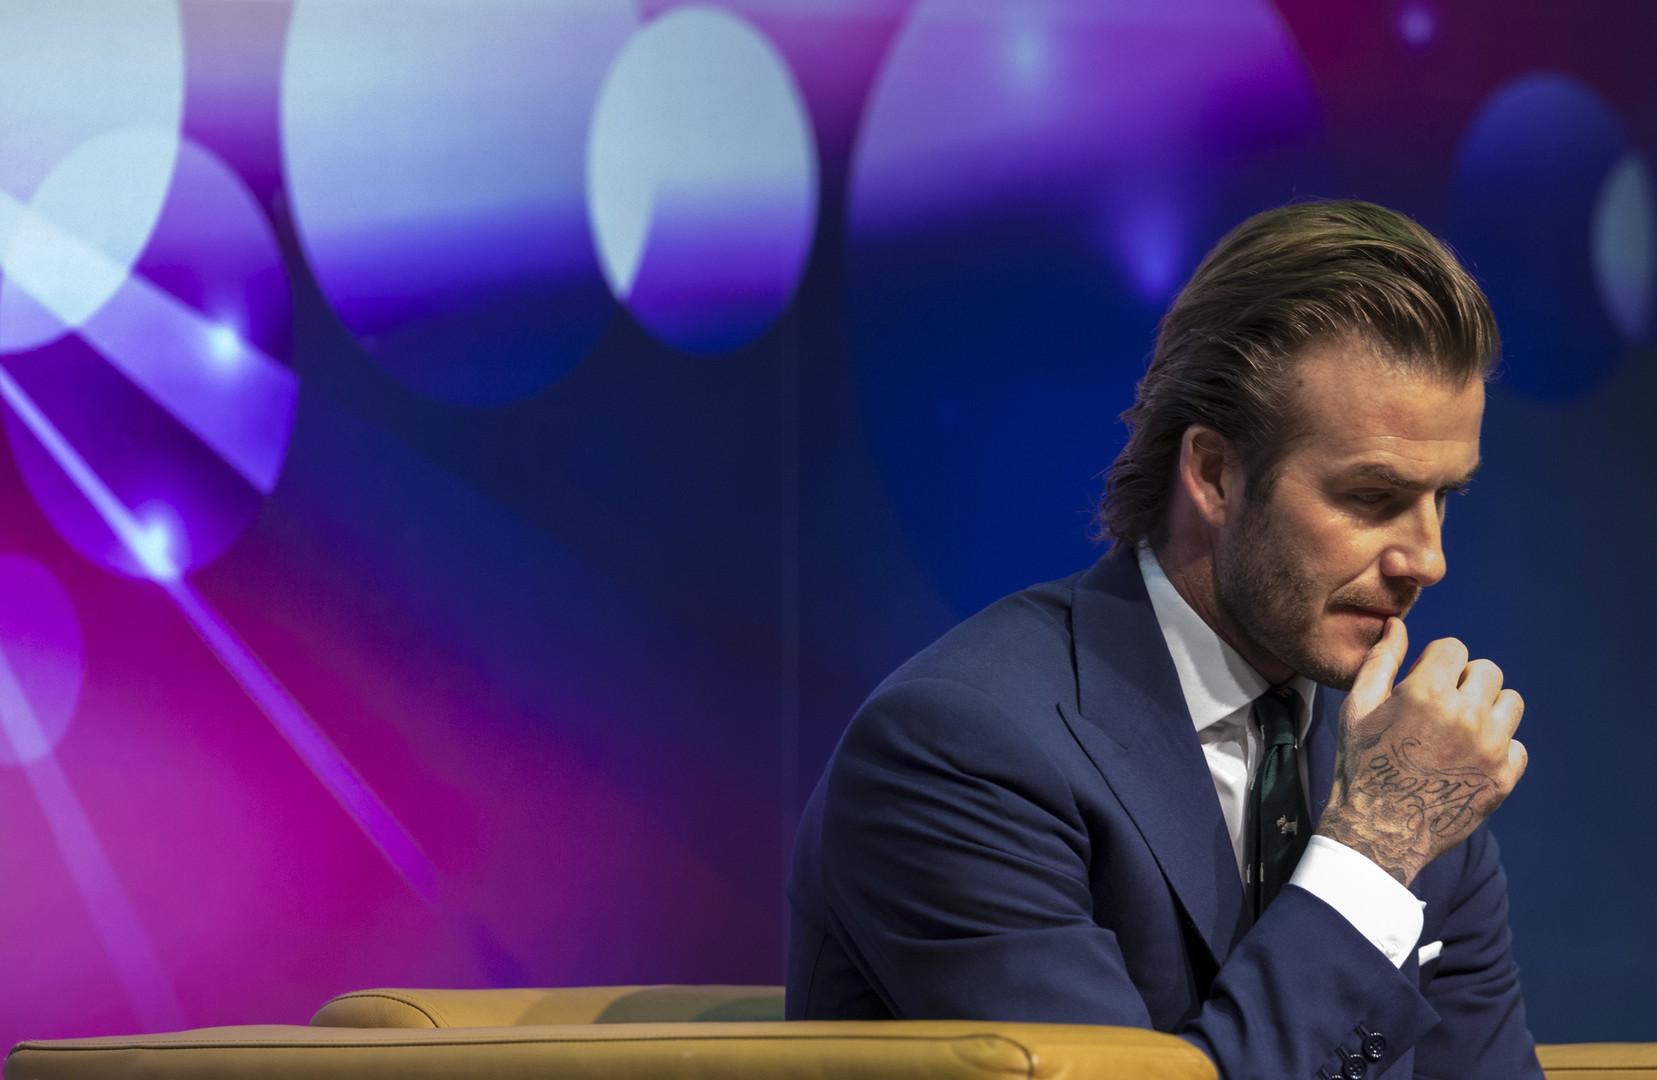 Звёзды в шоке: как знаменитости отреагировали на результаты референдума